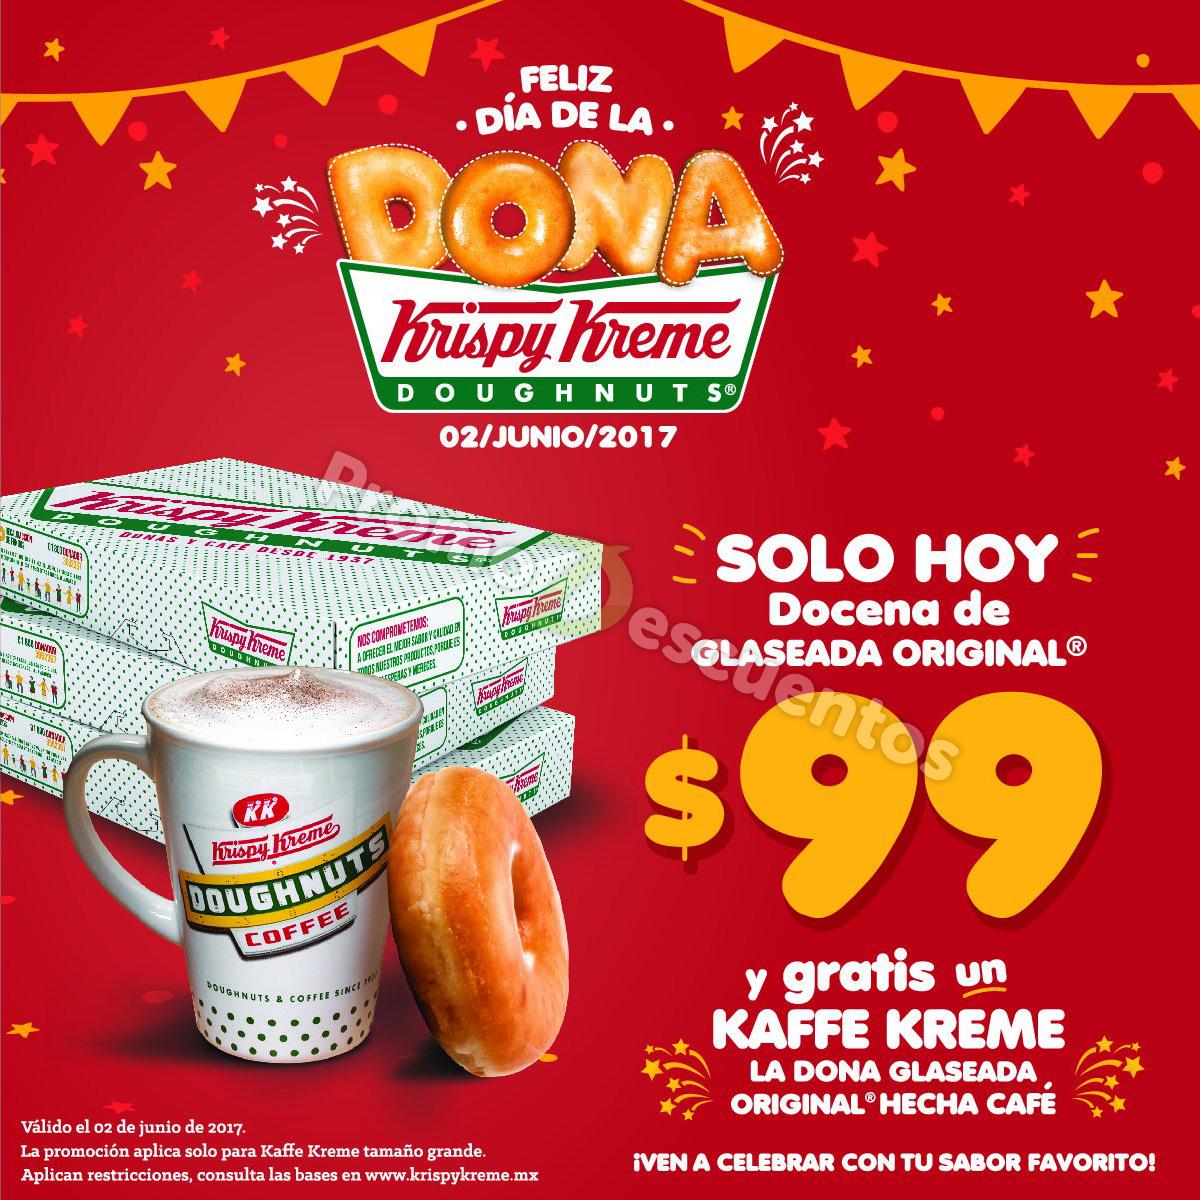 Krispy Kreme: docena de donas glaseadas a $99 y GRATIS un Kaffe Kreme grande